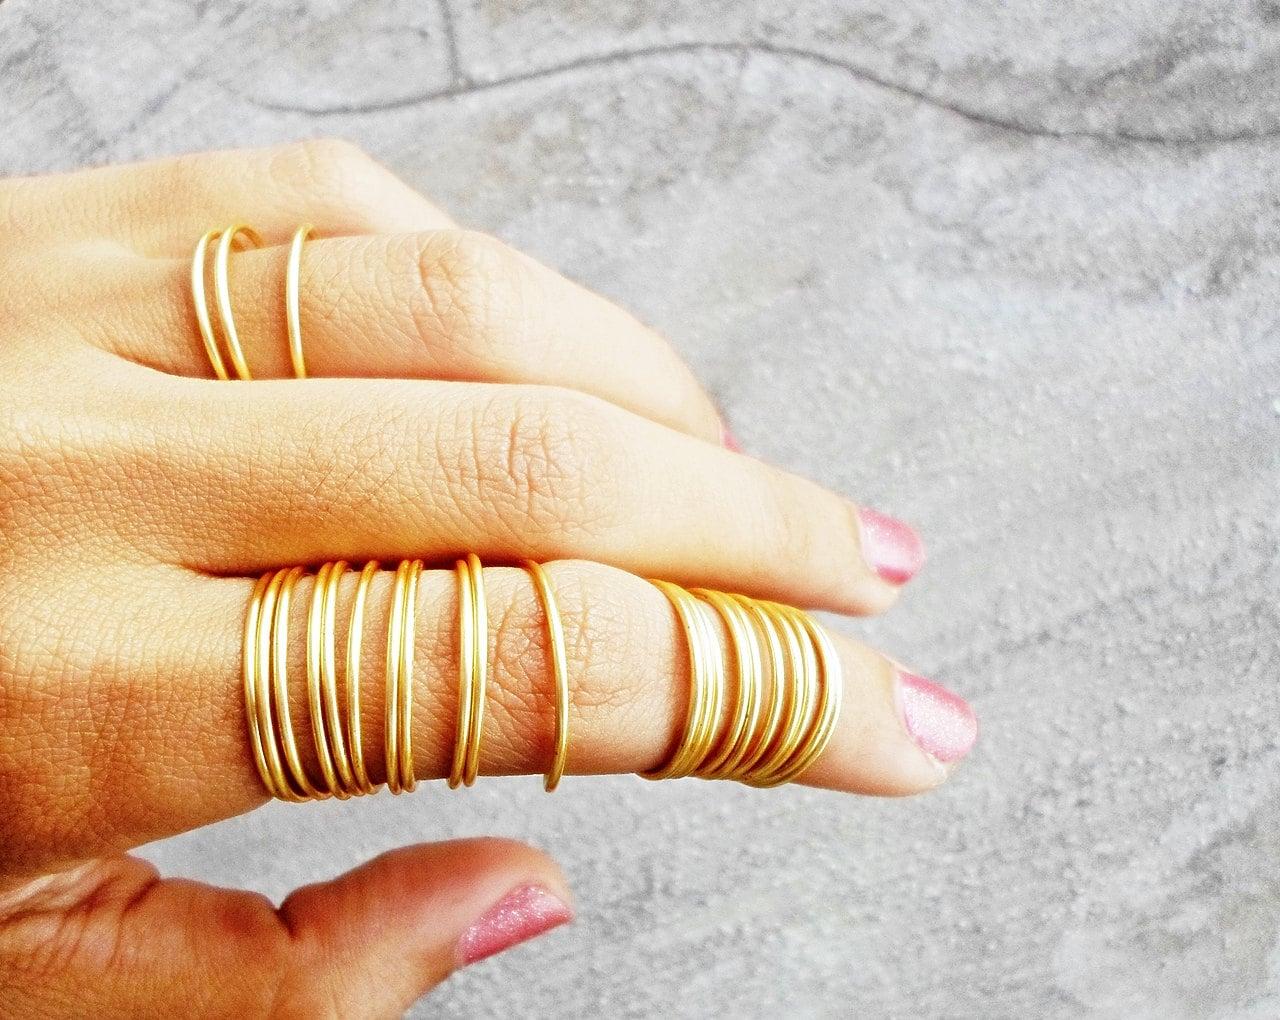 24 Stacking Rings Gold Full Finger Ring Coil Dainty